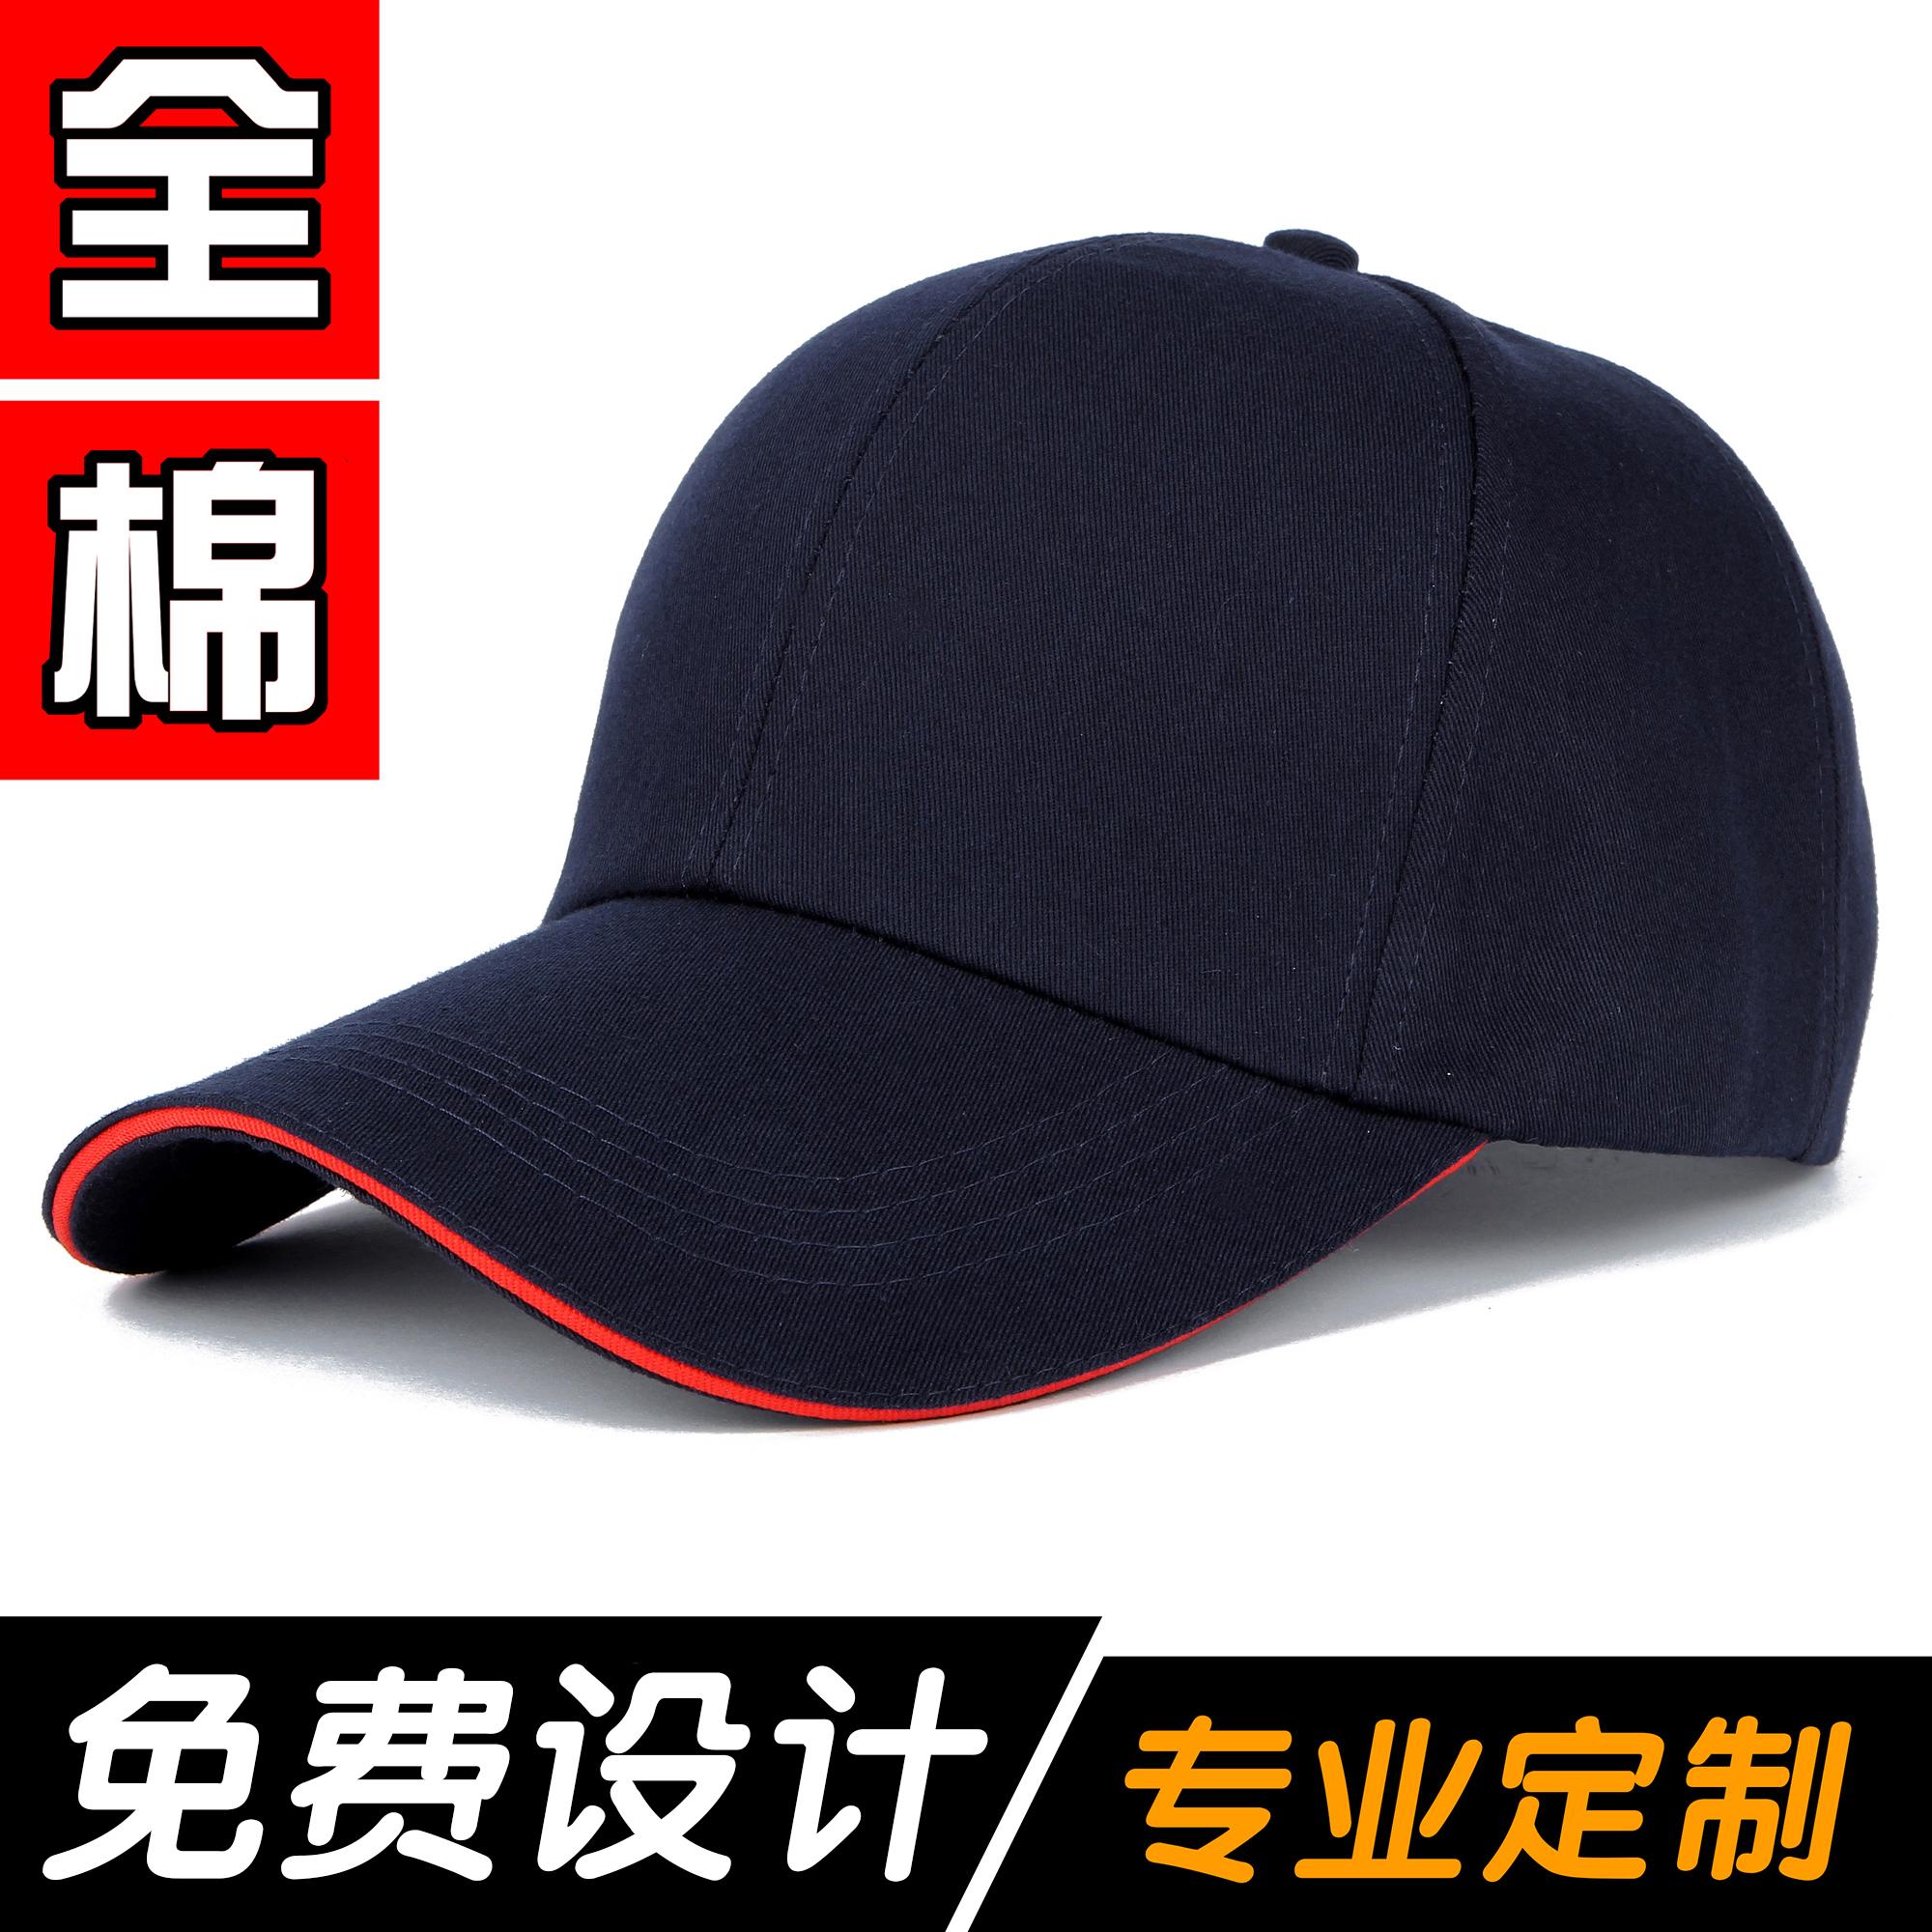 棒球帽定做男女遮阳帽子印字刺绣logo定制纱网眼广告太阳帽鸭舌帽